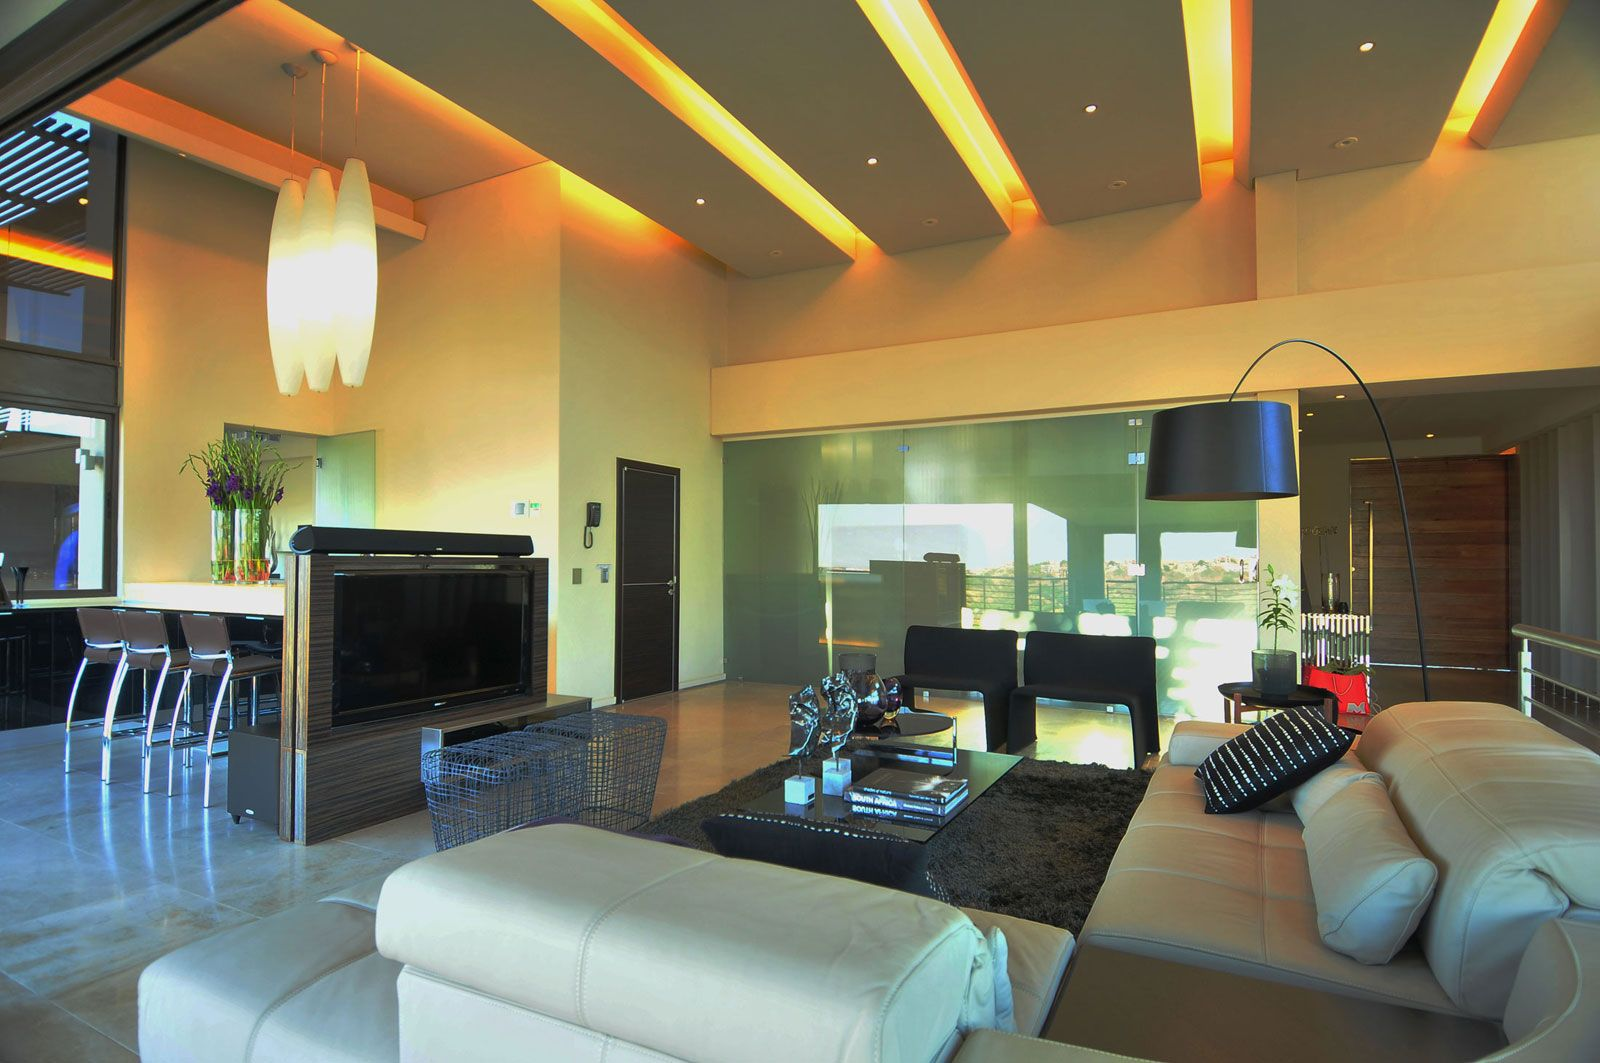 Fixtures Light Lighting Design Ceiling Lights Outdoor Home